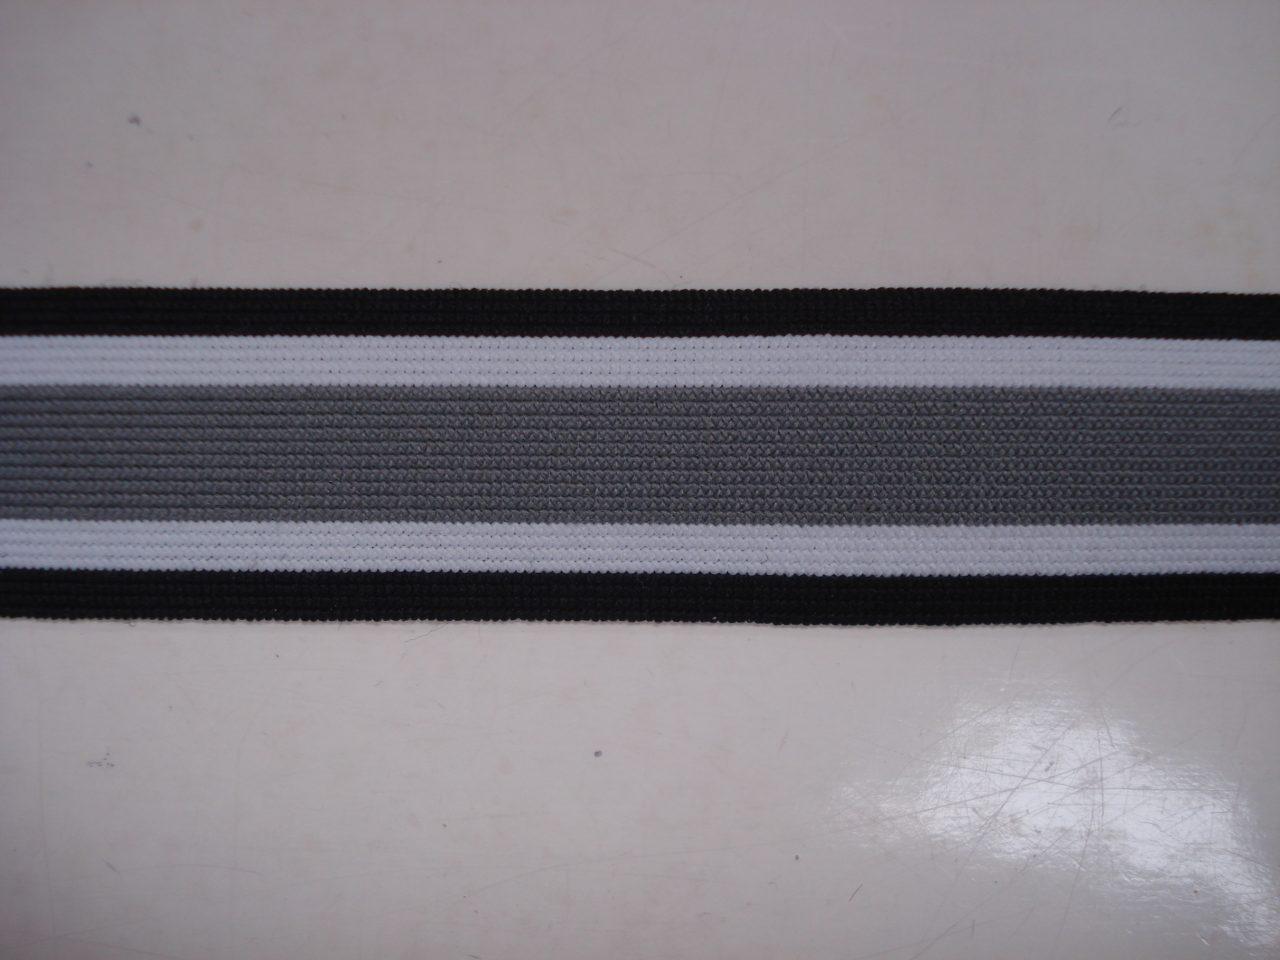 Gestreept Elastiek zwart/wit/grijs 25mm. halve meter €0,98.